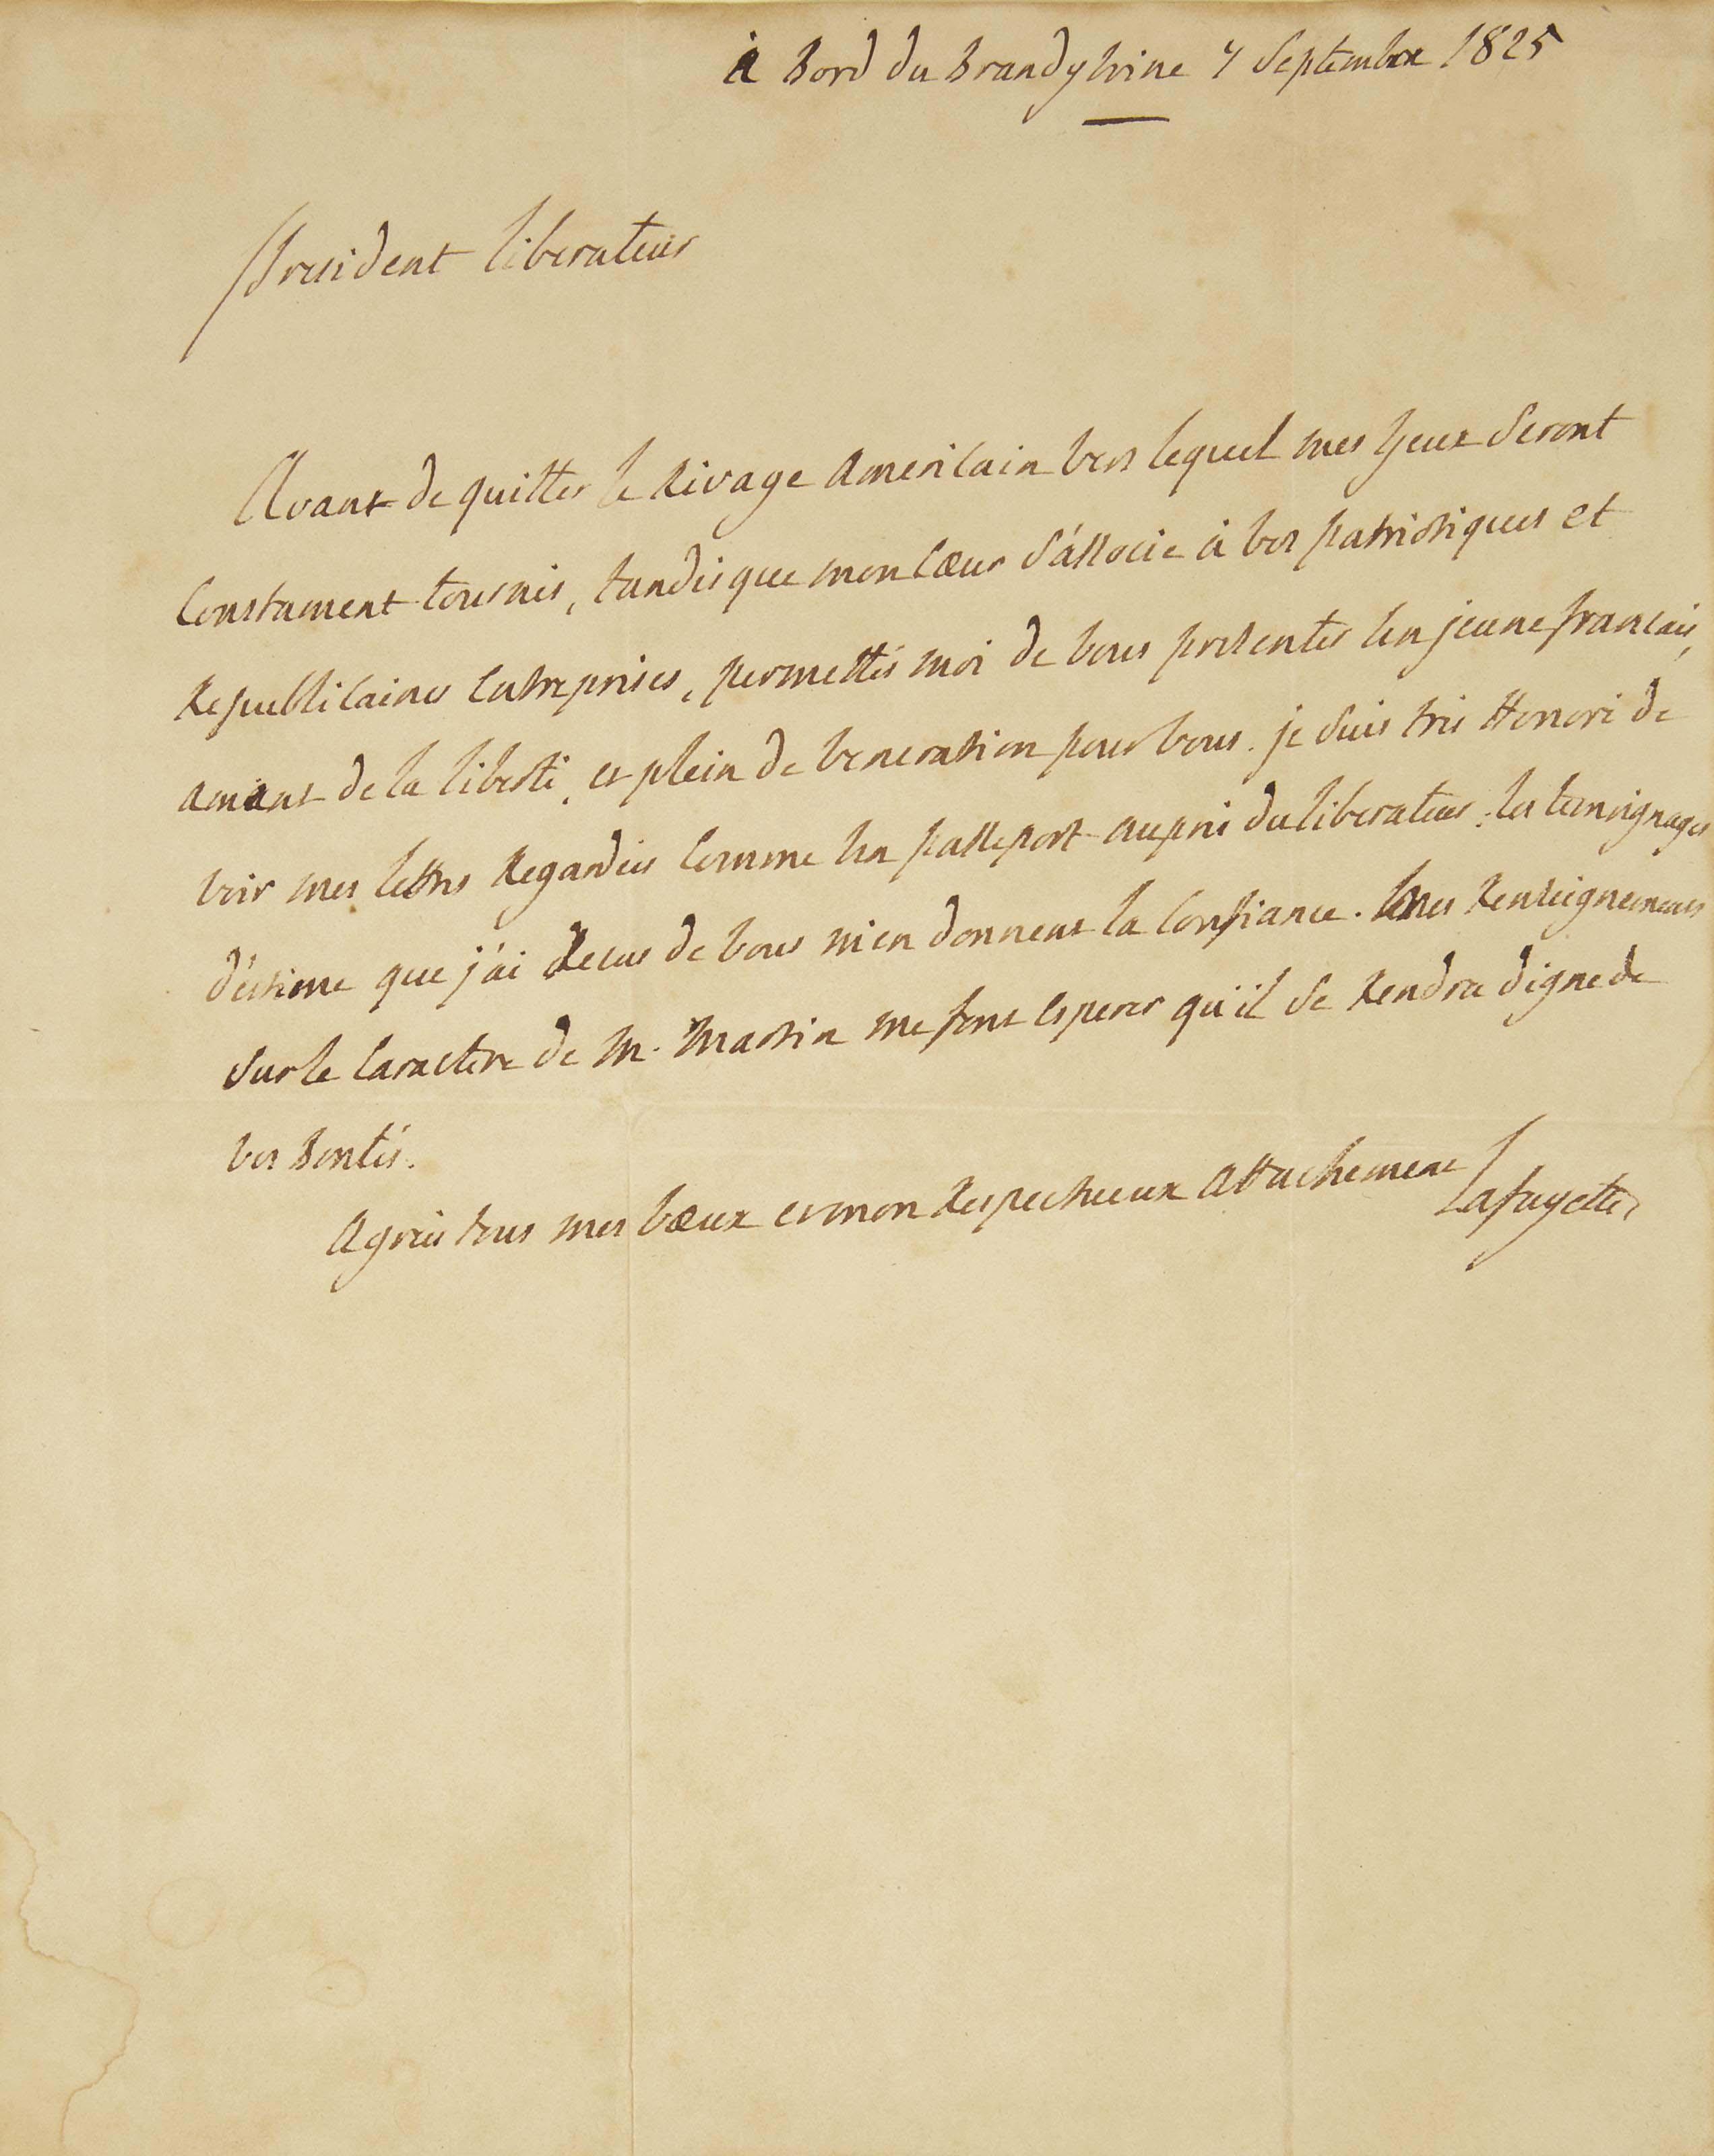 """LA FAYETTE, Gilbert du Motier, marquis de (1757-1834). Lettre autographe signée [à Simon Bolivar], adressée à """"President liberateur"""" et datée """"à bord du Brandywine 7 septembre 1825"""". En français. Une demi-page in-4 (243 x 195 mm) sur un feuillet replié, monté sur carton fort. (Traces de pliures.)"""